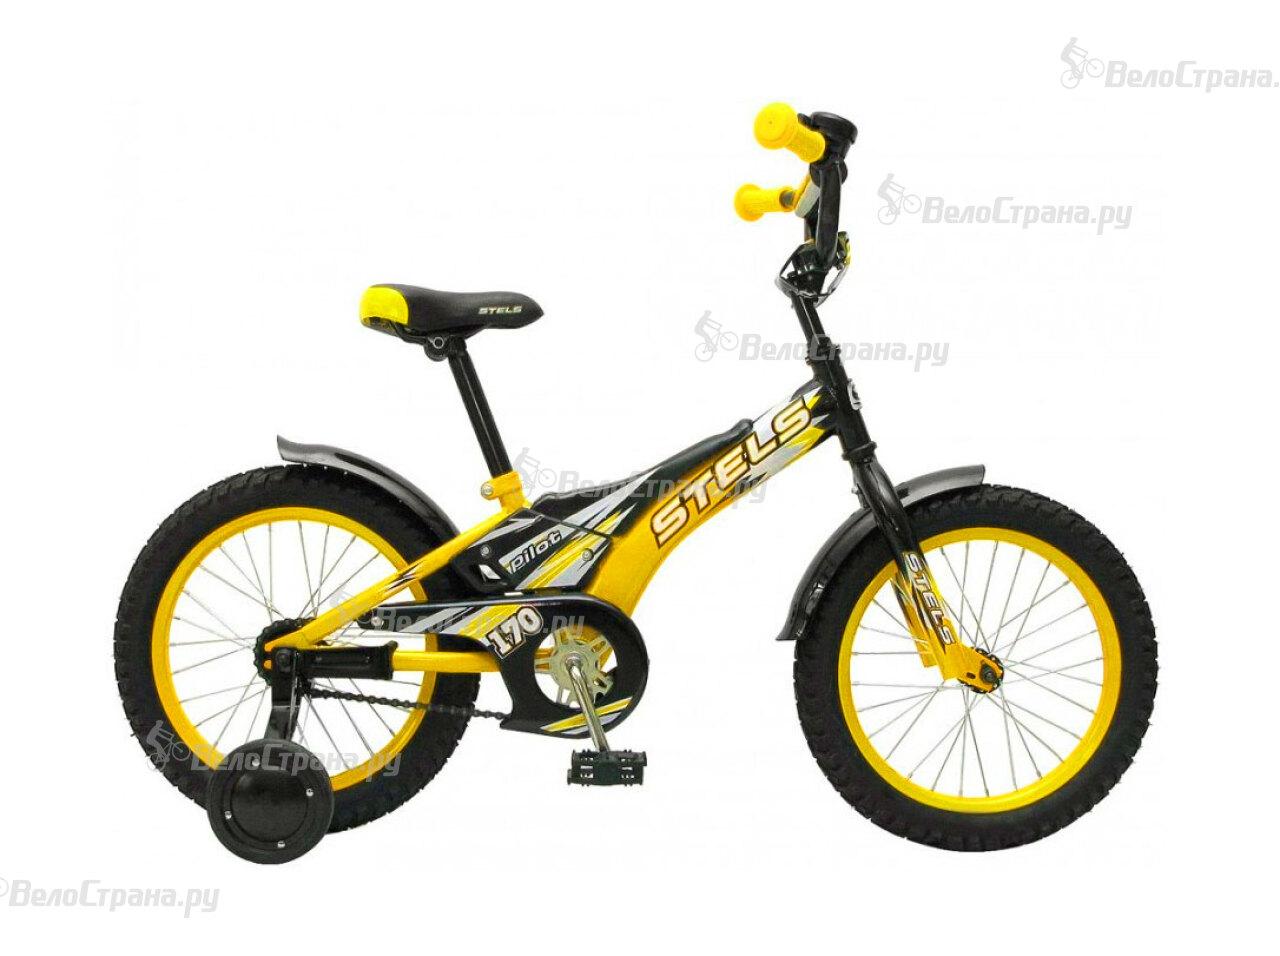 Велосипед Stels Pilot 170 16 (2013) велосипед stels pilot 170 16 2016